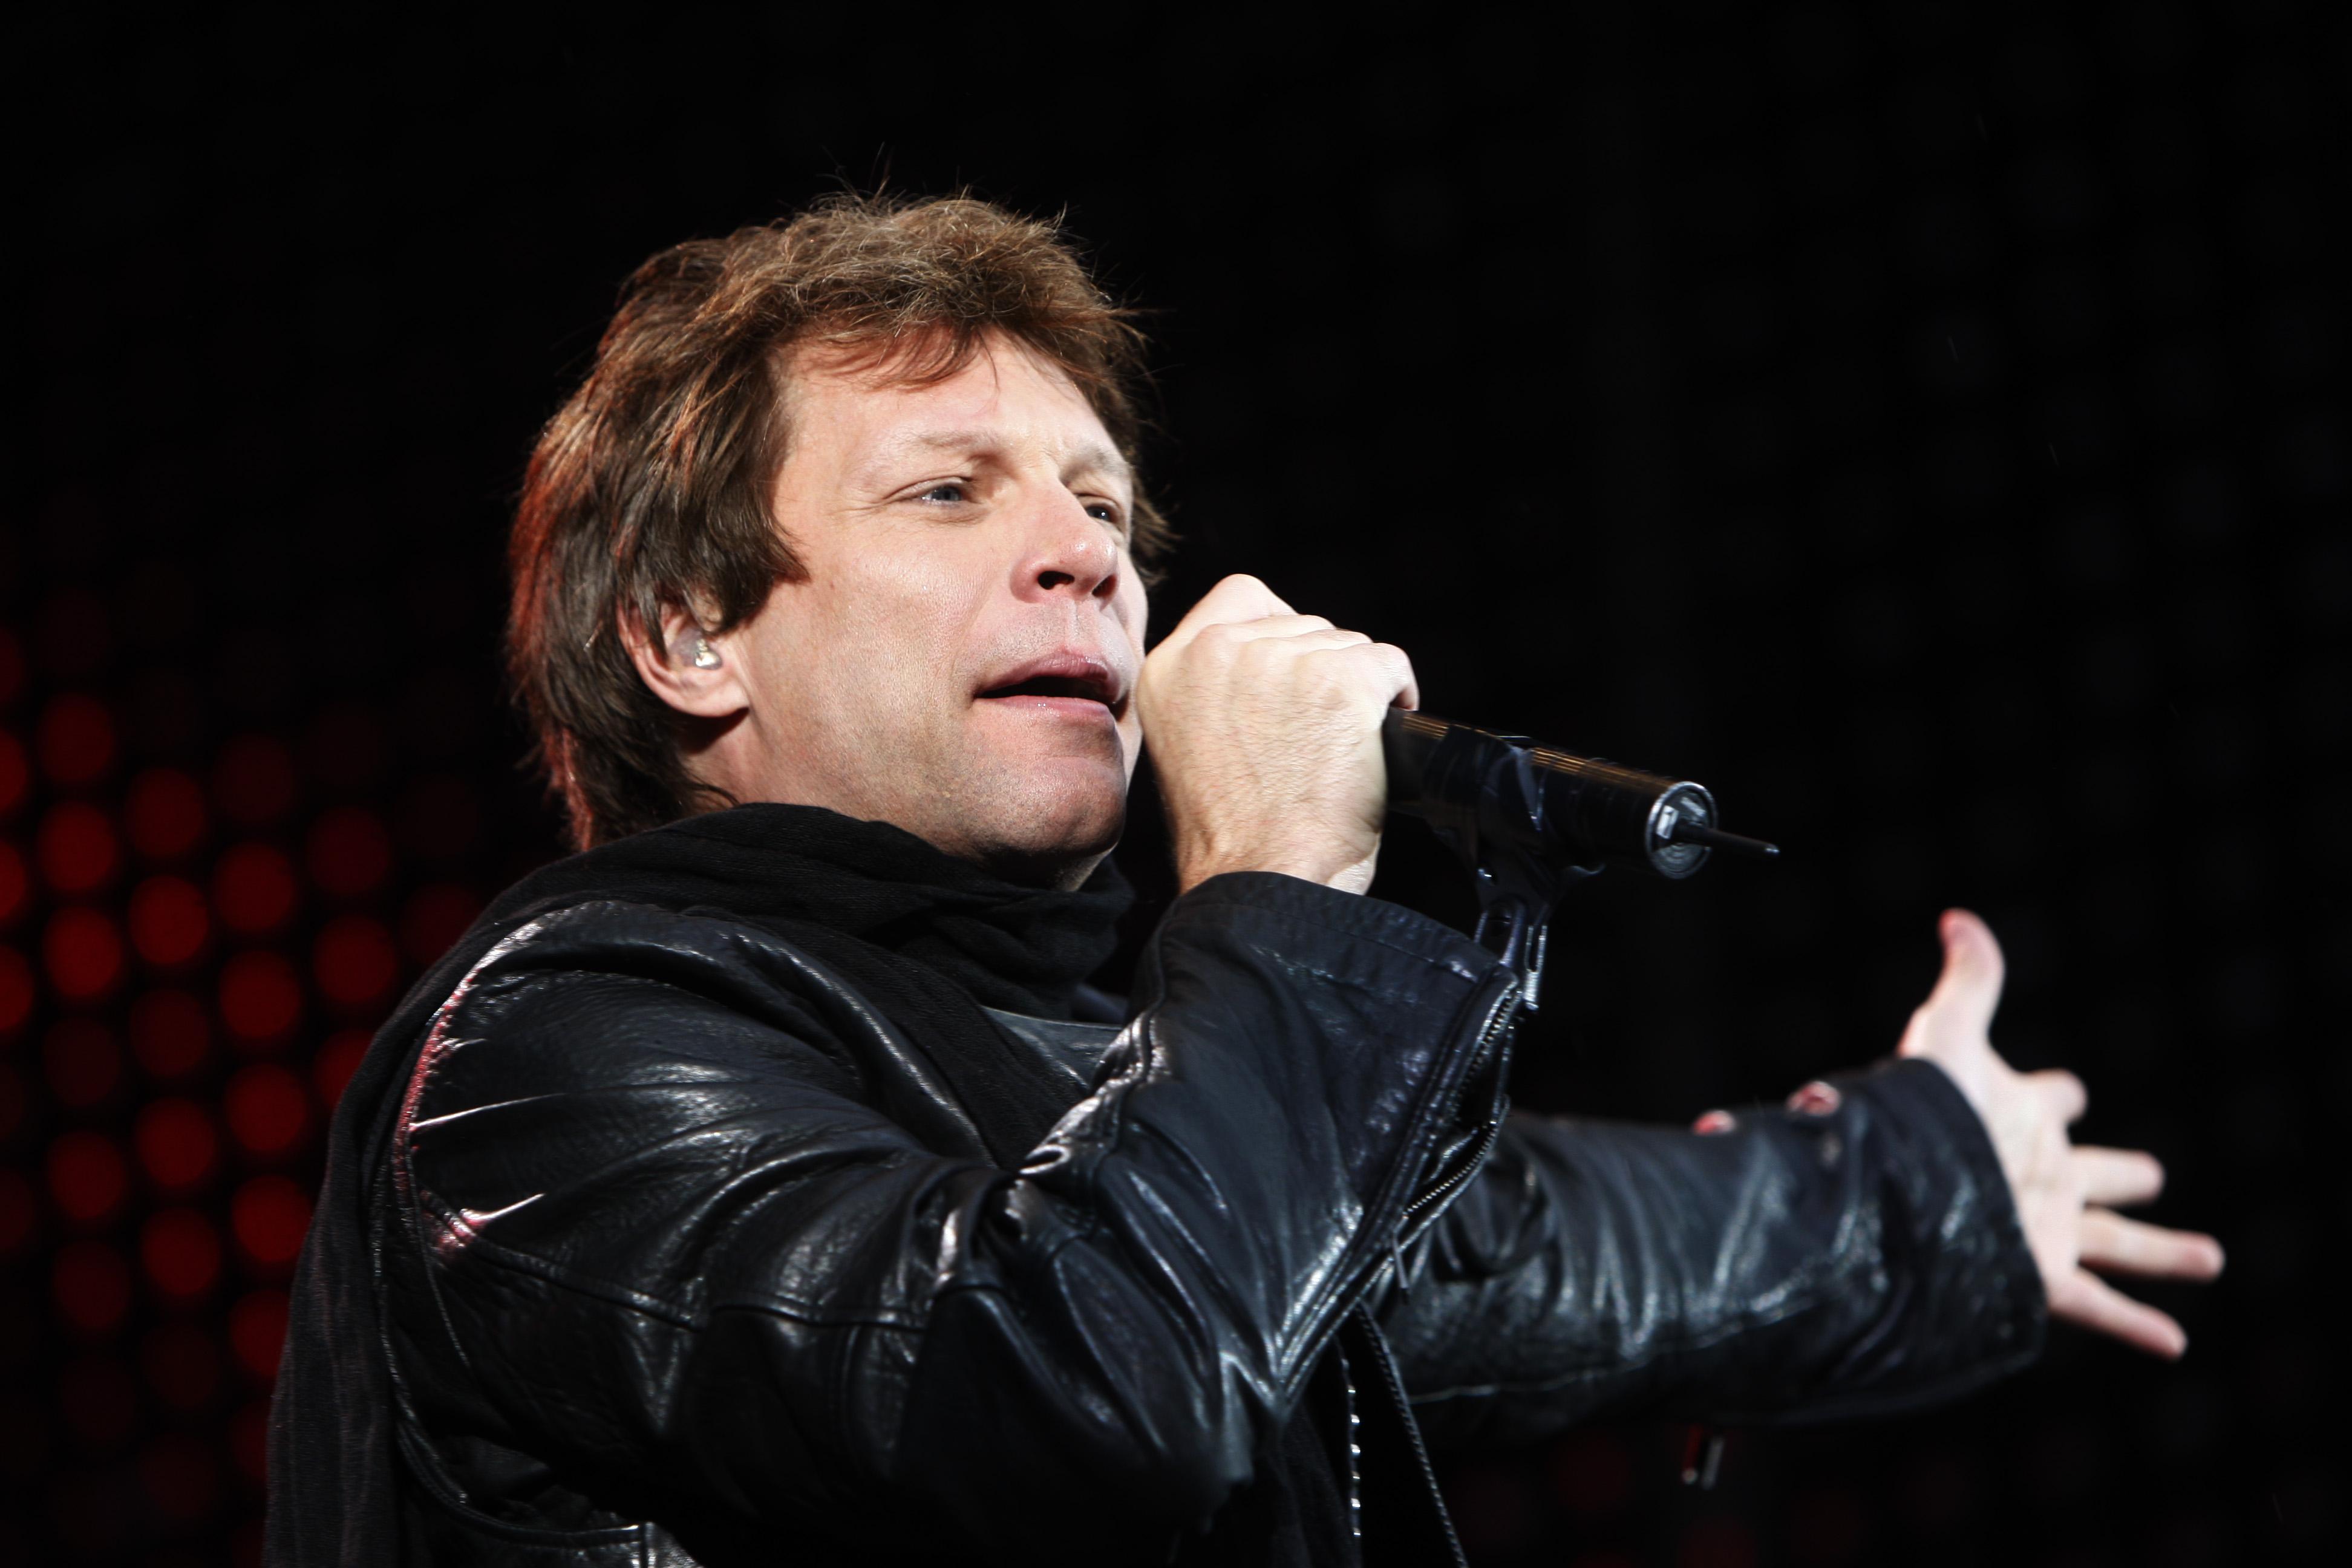 Muss wohl auf seinen Auftritt in China verzichten: Jon Bon Jovi